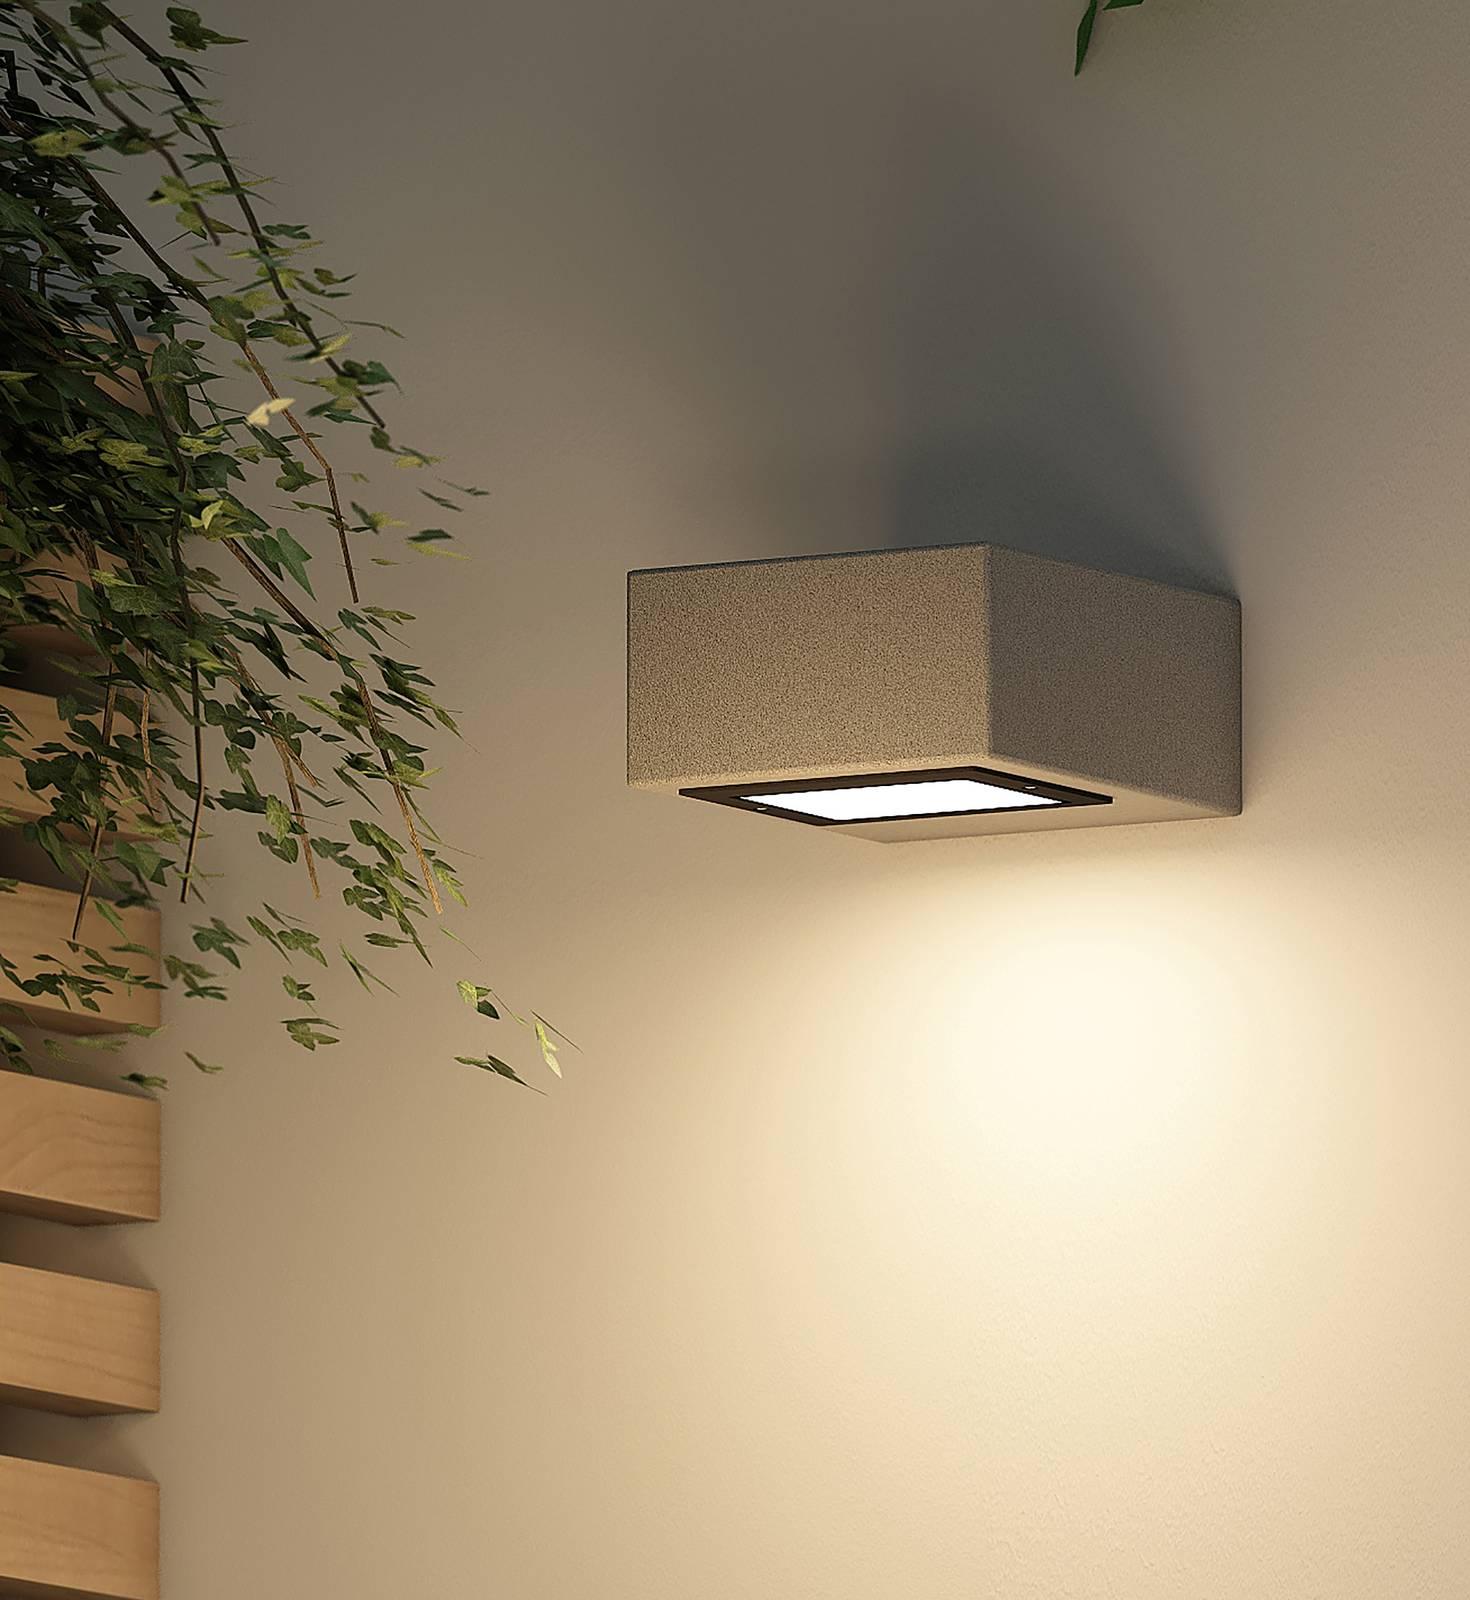 Arcchio -LED-ulkoseinälamppu Udonna pidin ylhäällä